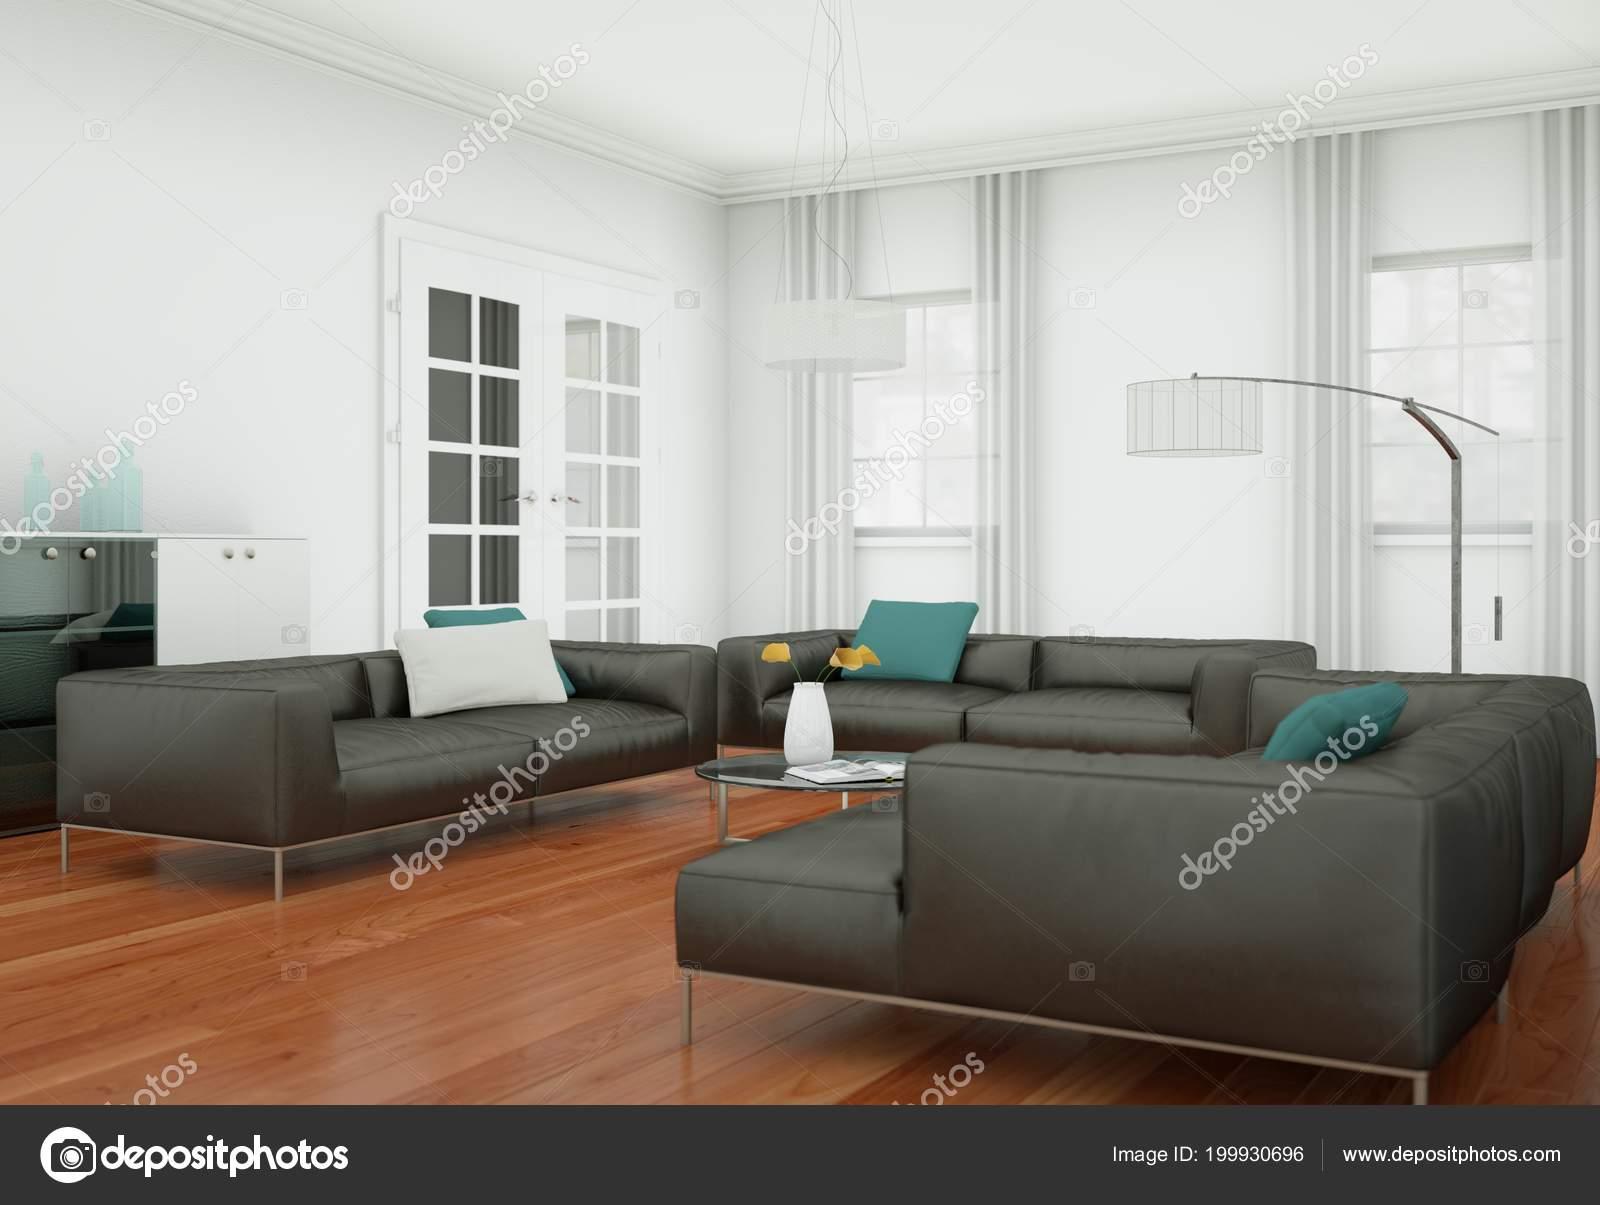 Salone moderno interior design con divani in pelle marrone ...